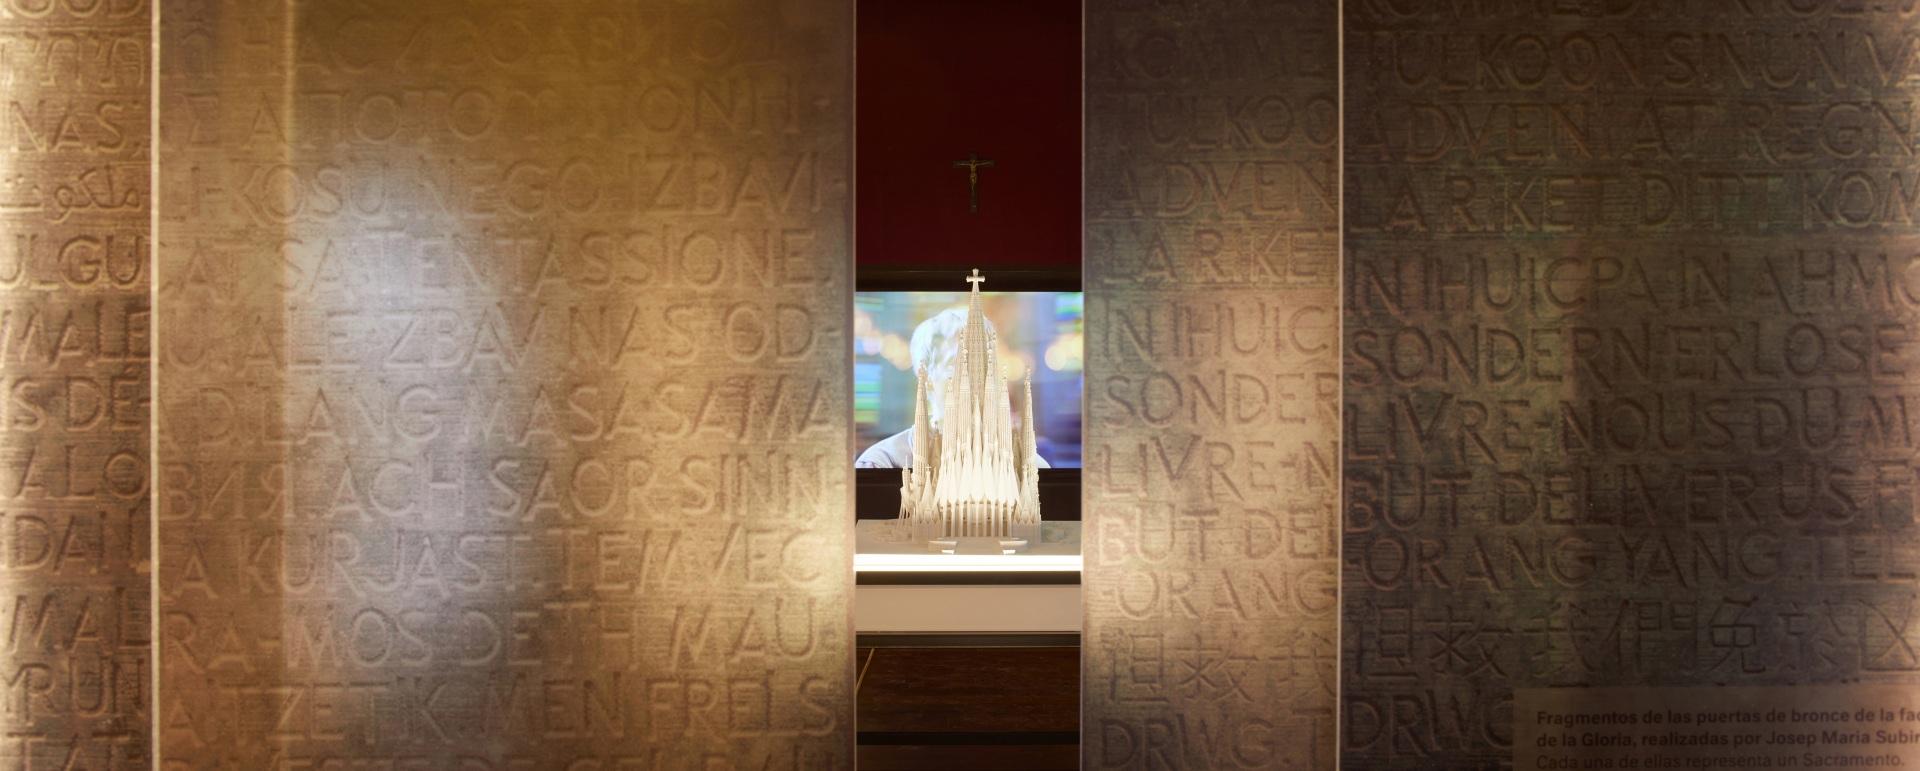 Exposición Gaudí Sagrada Familia. Puertas abiertas con maqueta del edificio y proyección audiovisual de fondo.